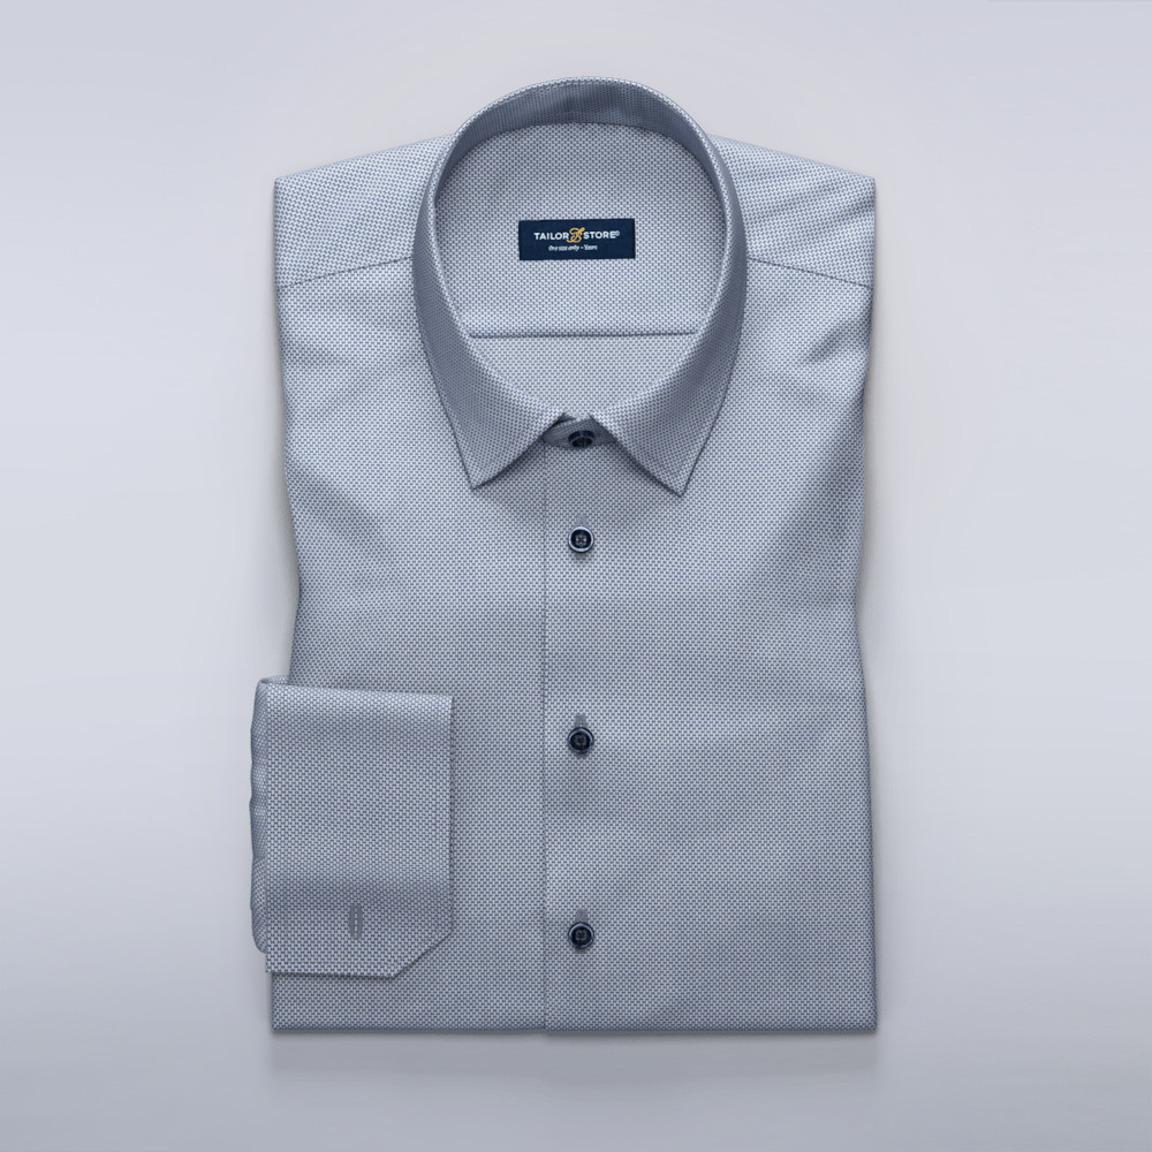 Mörkblå businesskjorta i dobby